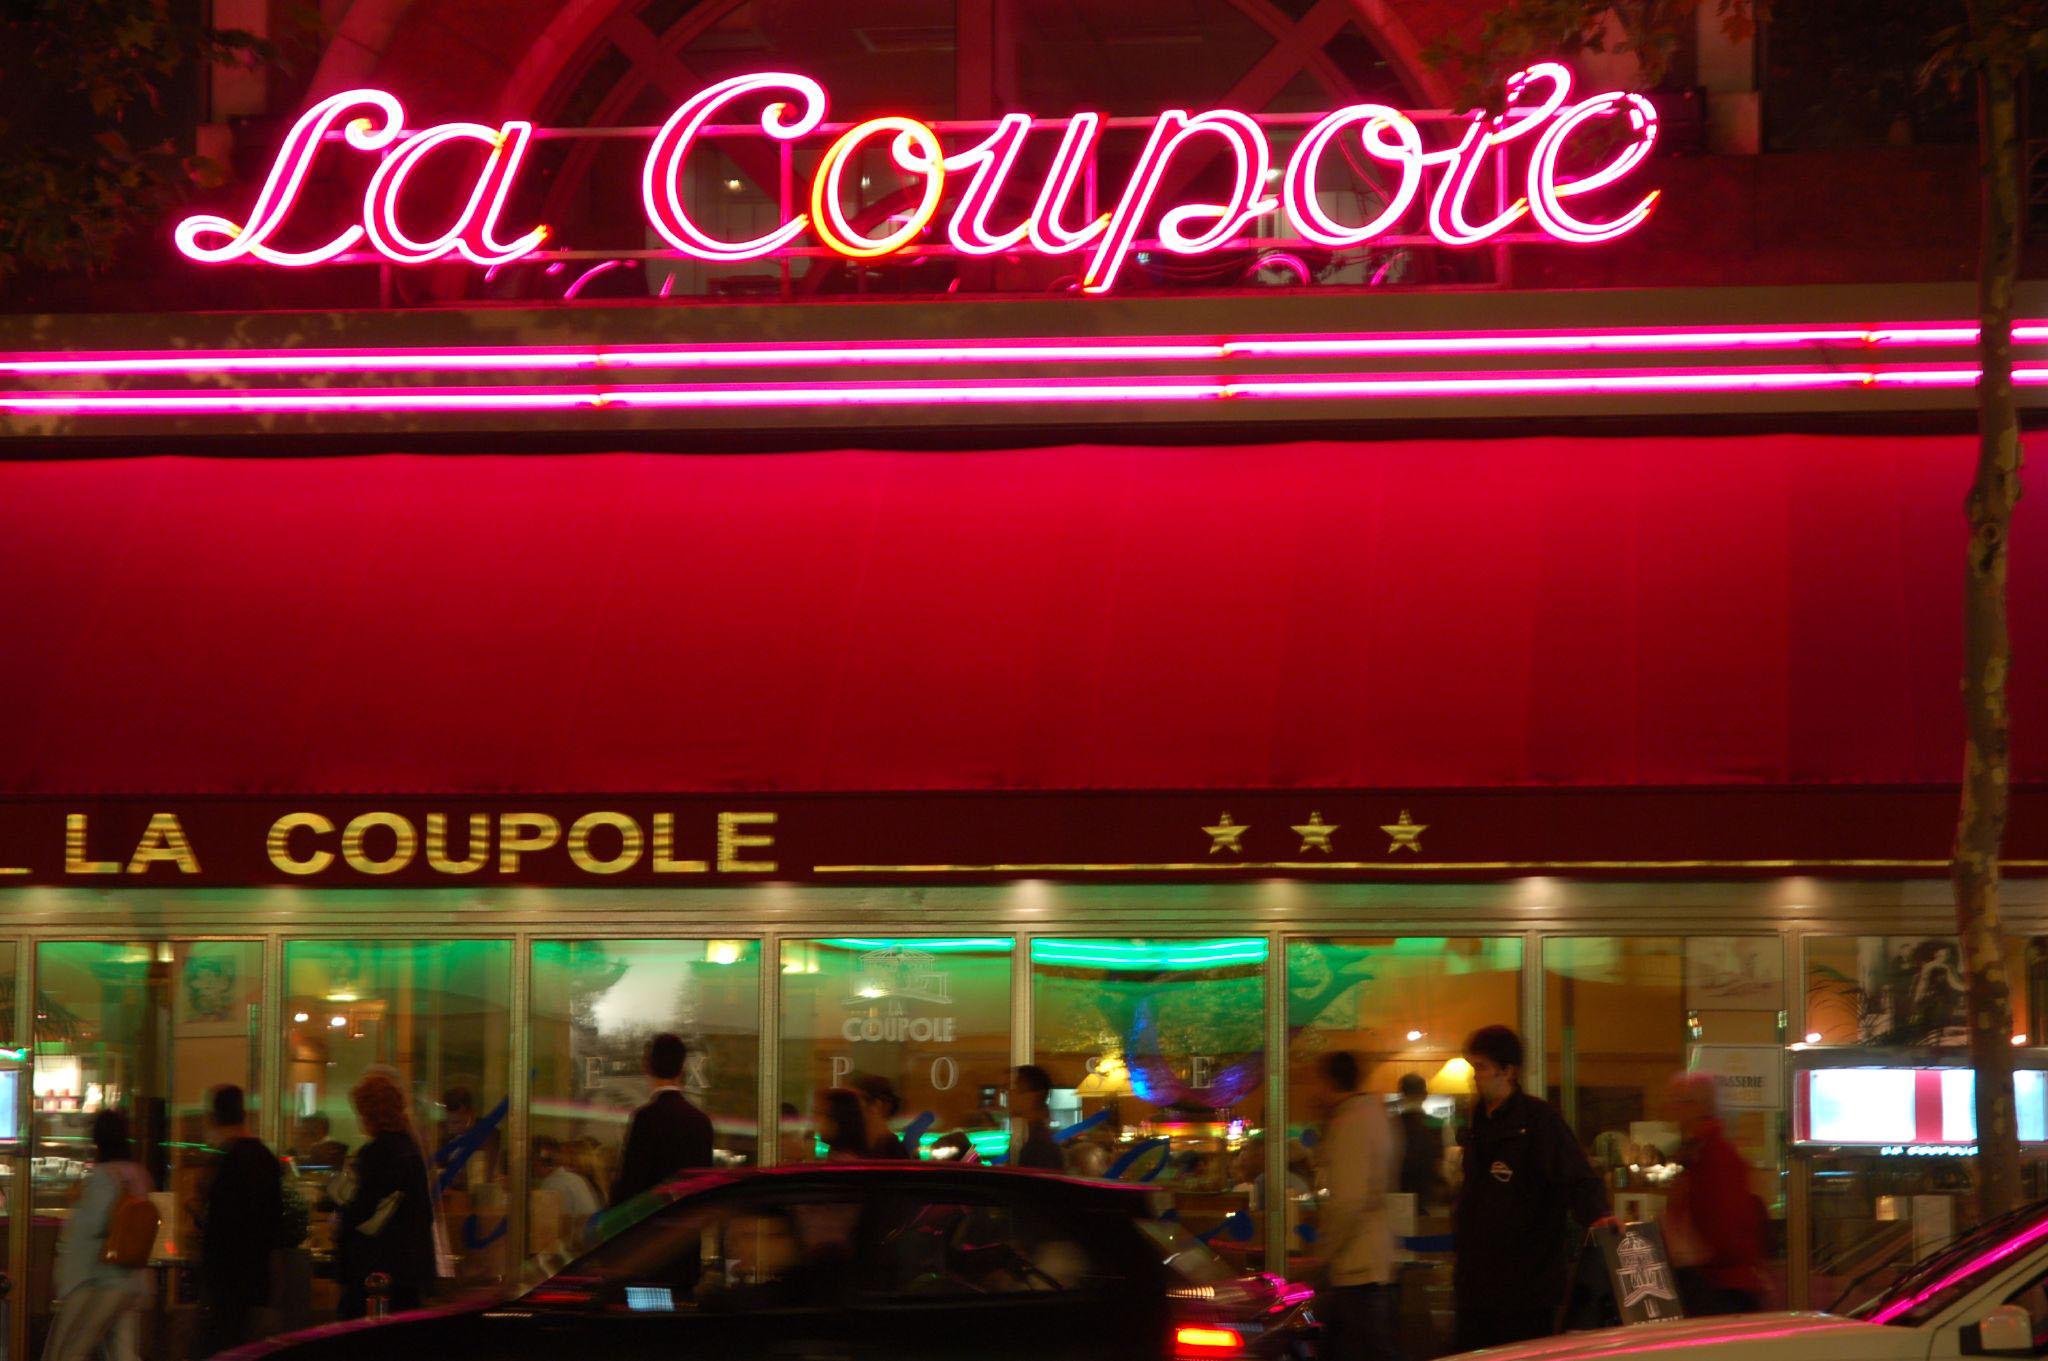 http://www.parisdigest.com/photos/paris_brasseries_la_coupole.jpg